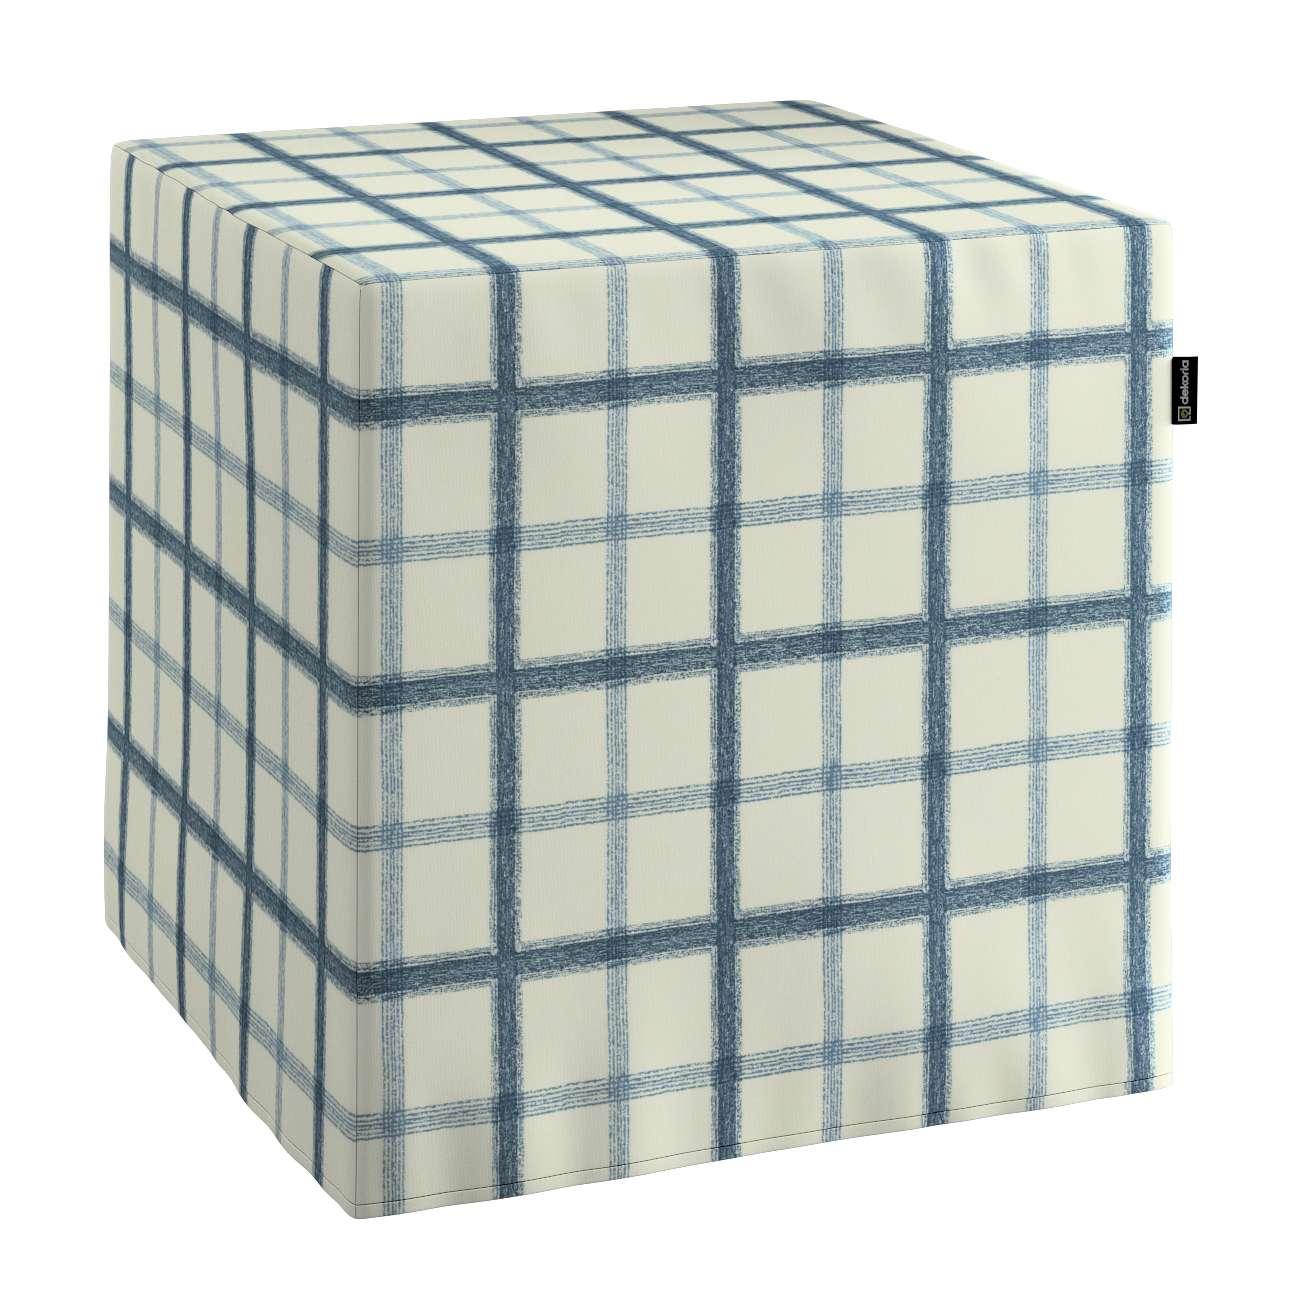 Taburetka tvrdá, kocka V kolekcii Avinon, tkanina: 131-66